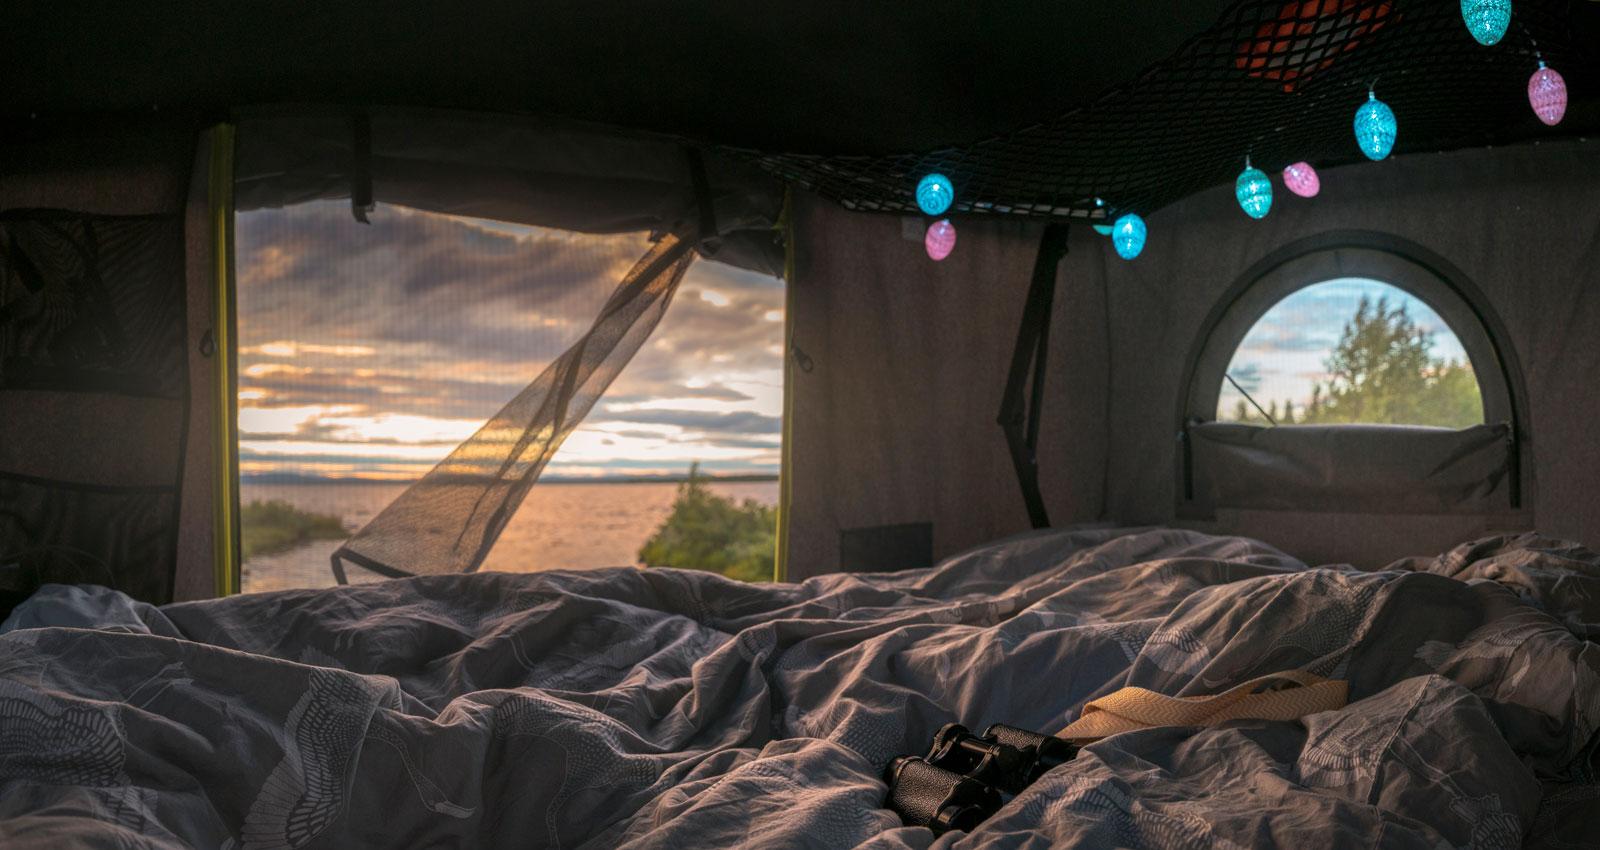 Solnedgång ses helst genom myggnät.